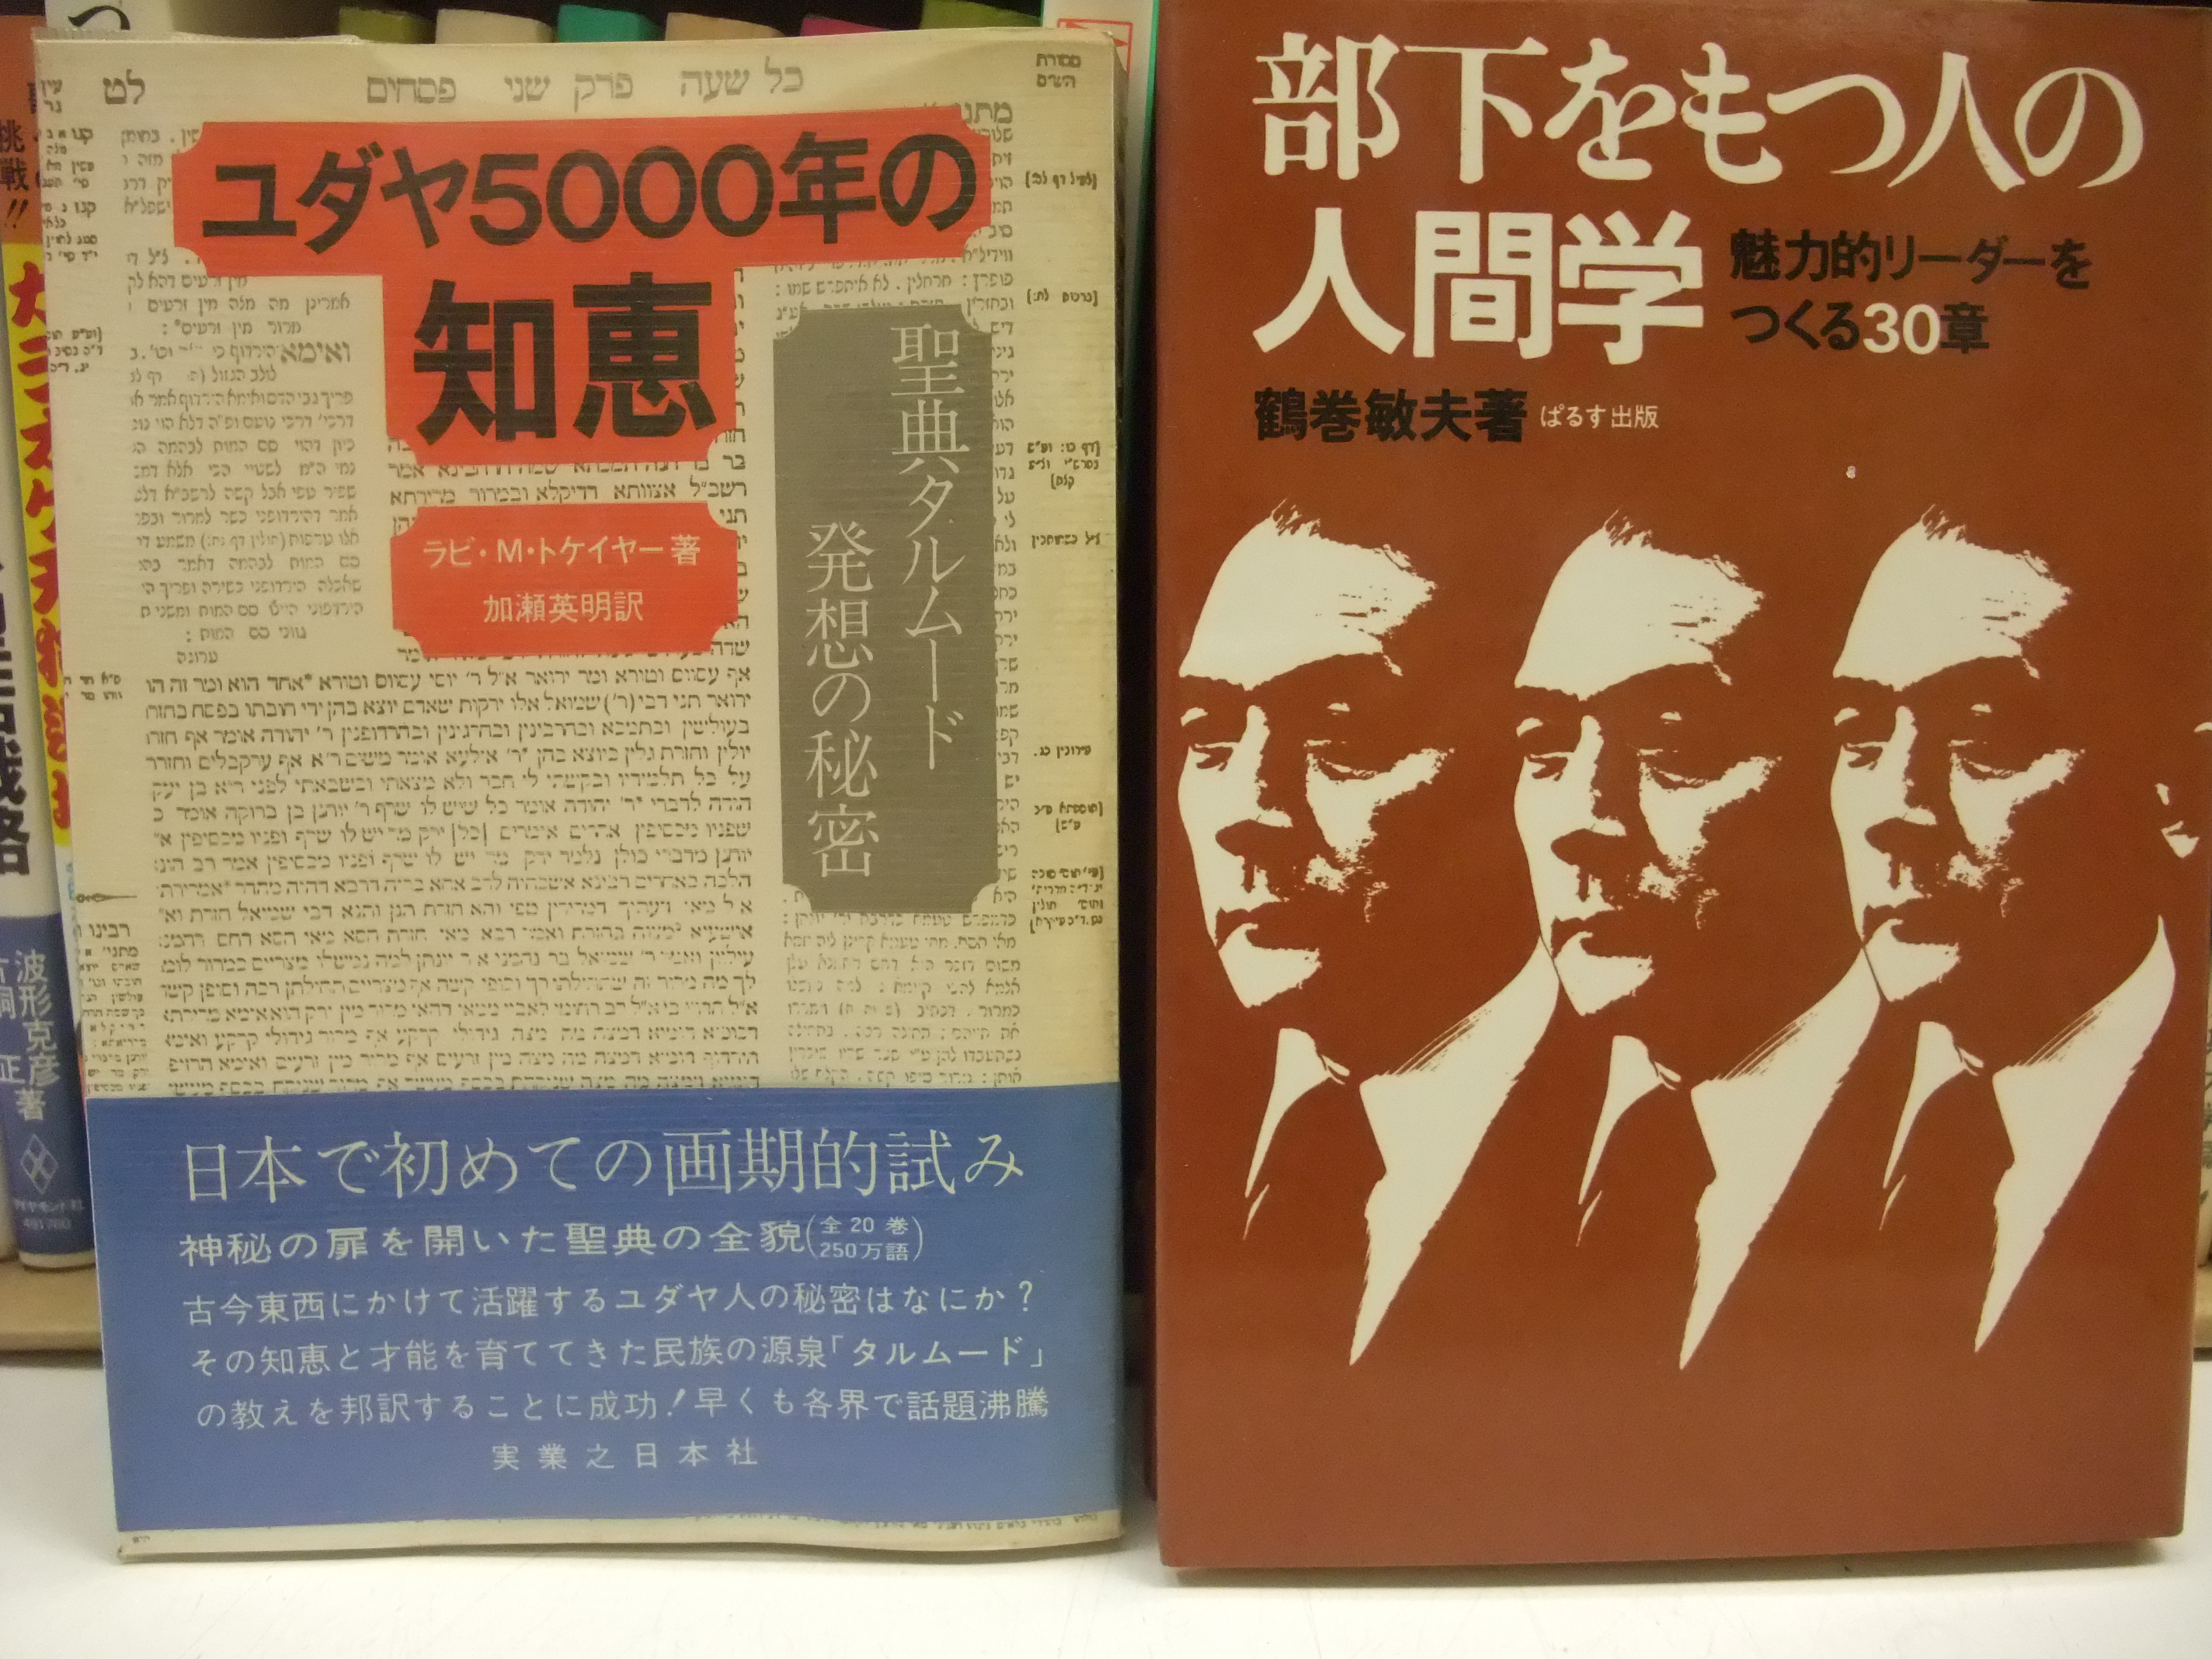 浜松市中区佐鳴台 出張買取 経営学「ユダヤ500年の知恵 部下をもつ人の人間学」